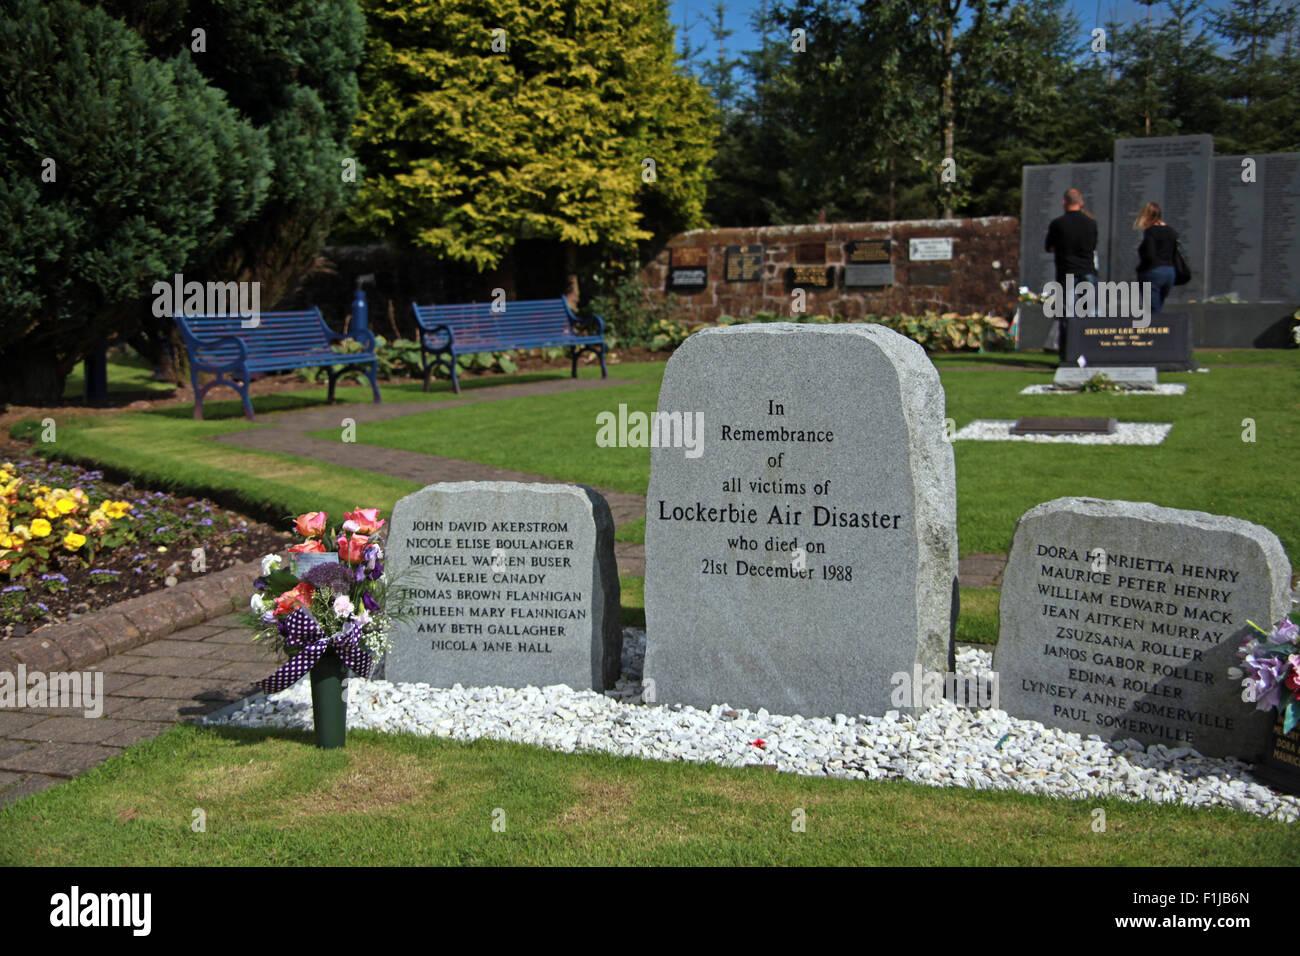 Laden Sie dieses Alamy Stockfoto Lockerbie PanAm103 In Erinnerung Memorial zwei Besucher erinnern, Schottland - F1JB6N